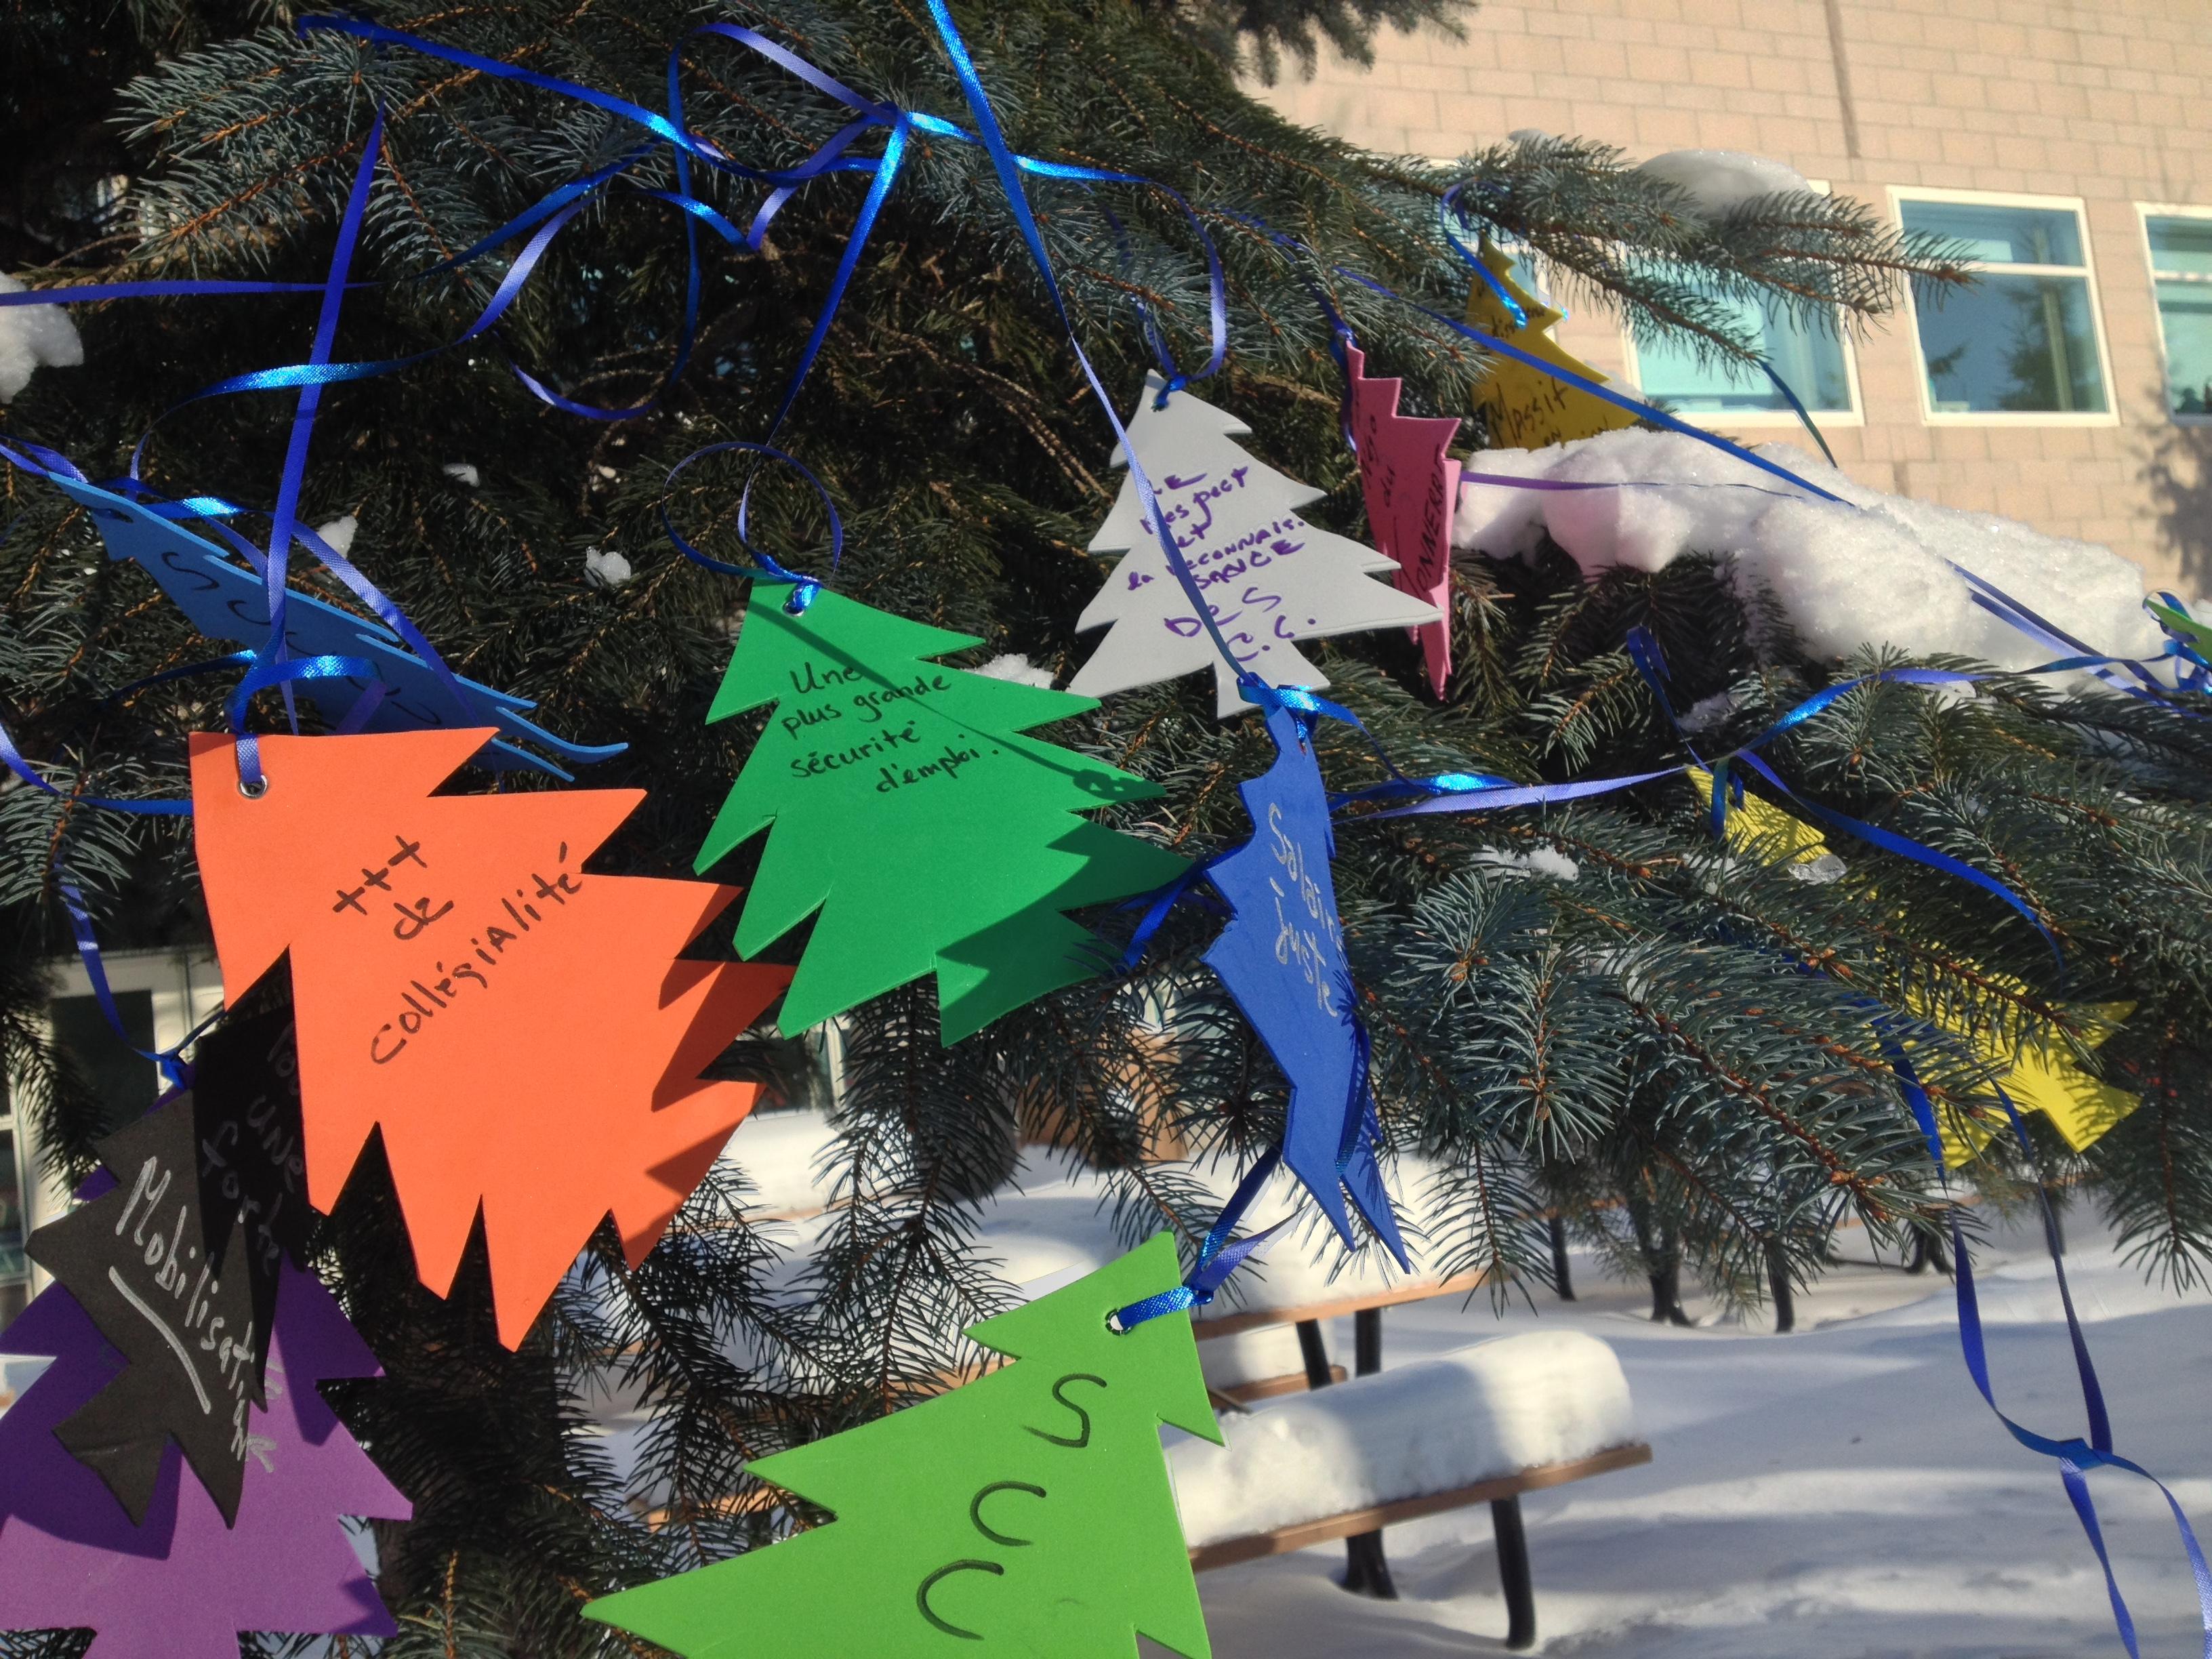 Les r v lations de l arbre souhaits des charg es et charg s de cours syndicat des charg es - L arbre a souhait ...